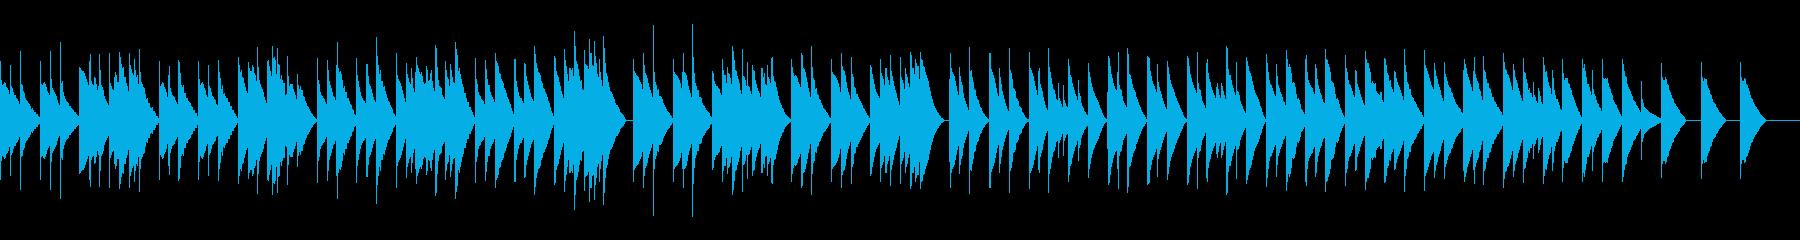 2. オーセの死 (オルゴール)の再生済みの波形